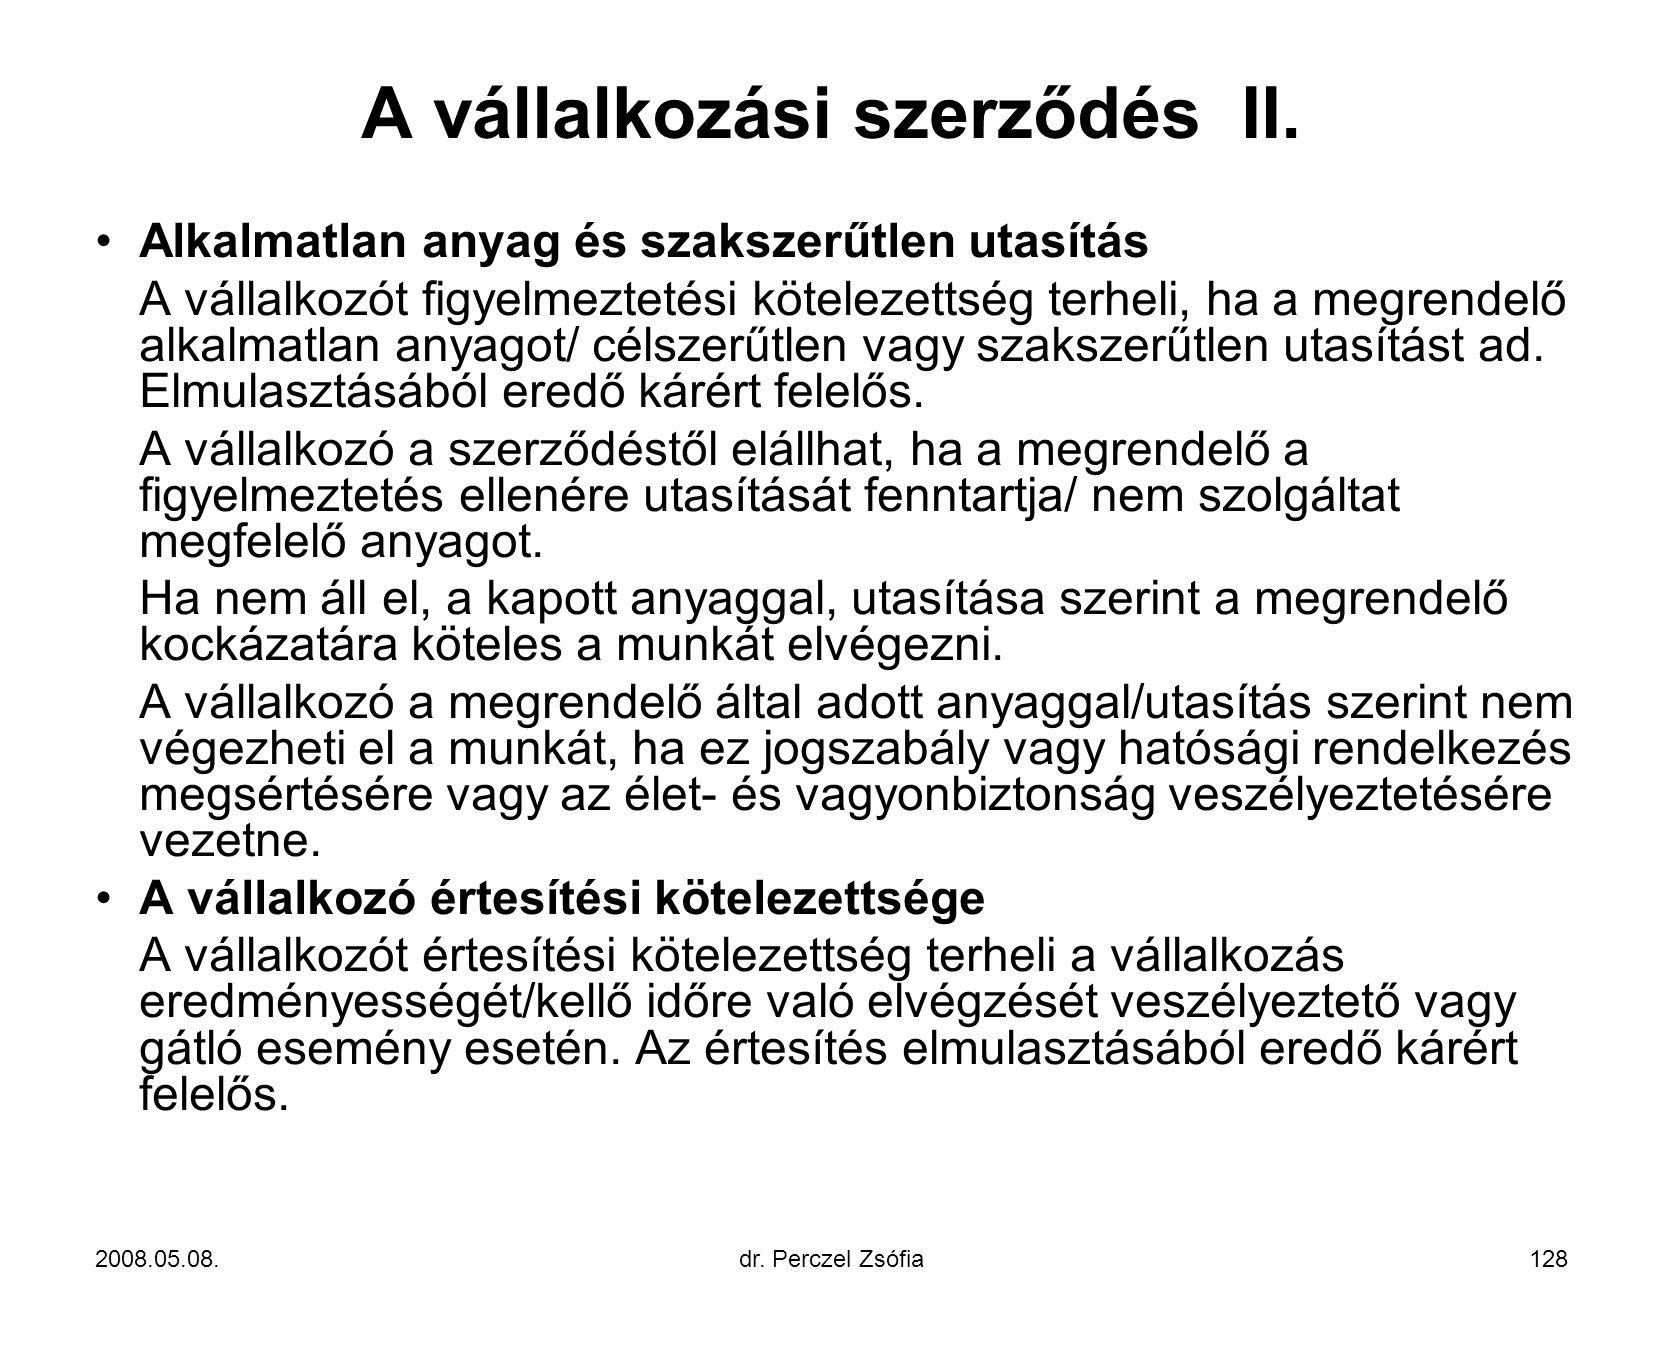 A vállalkozási szerződés II.